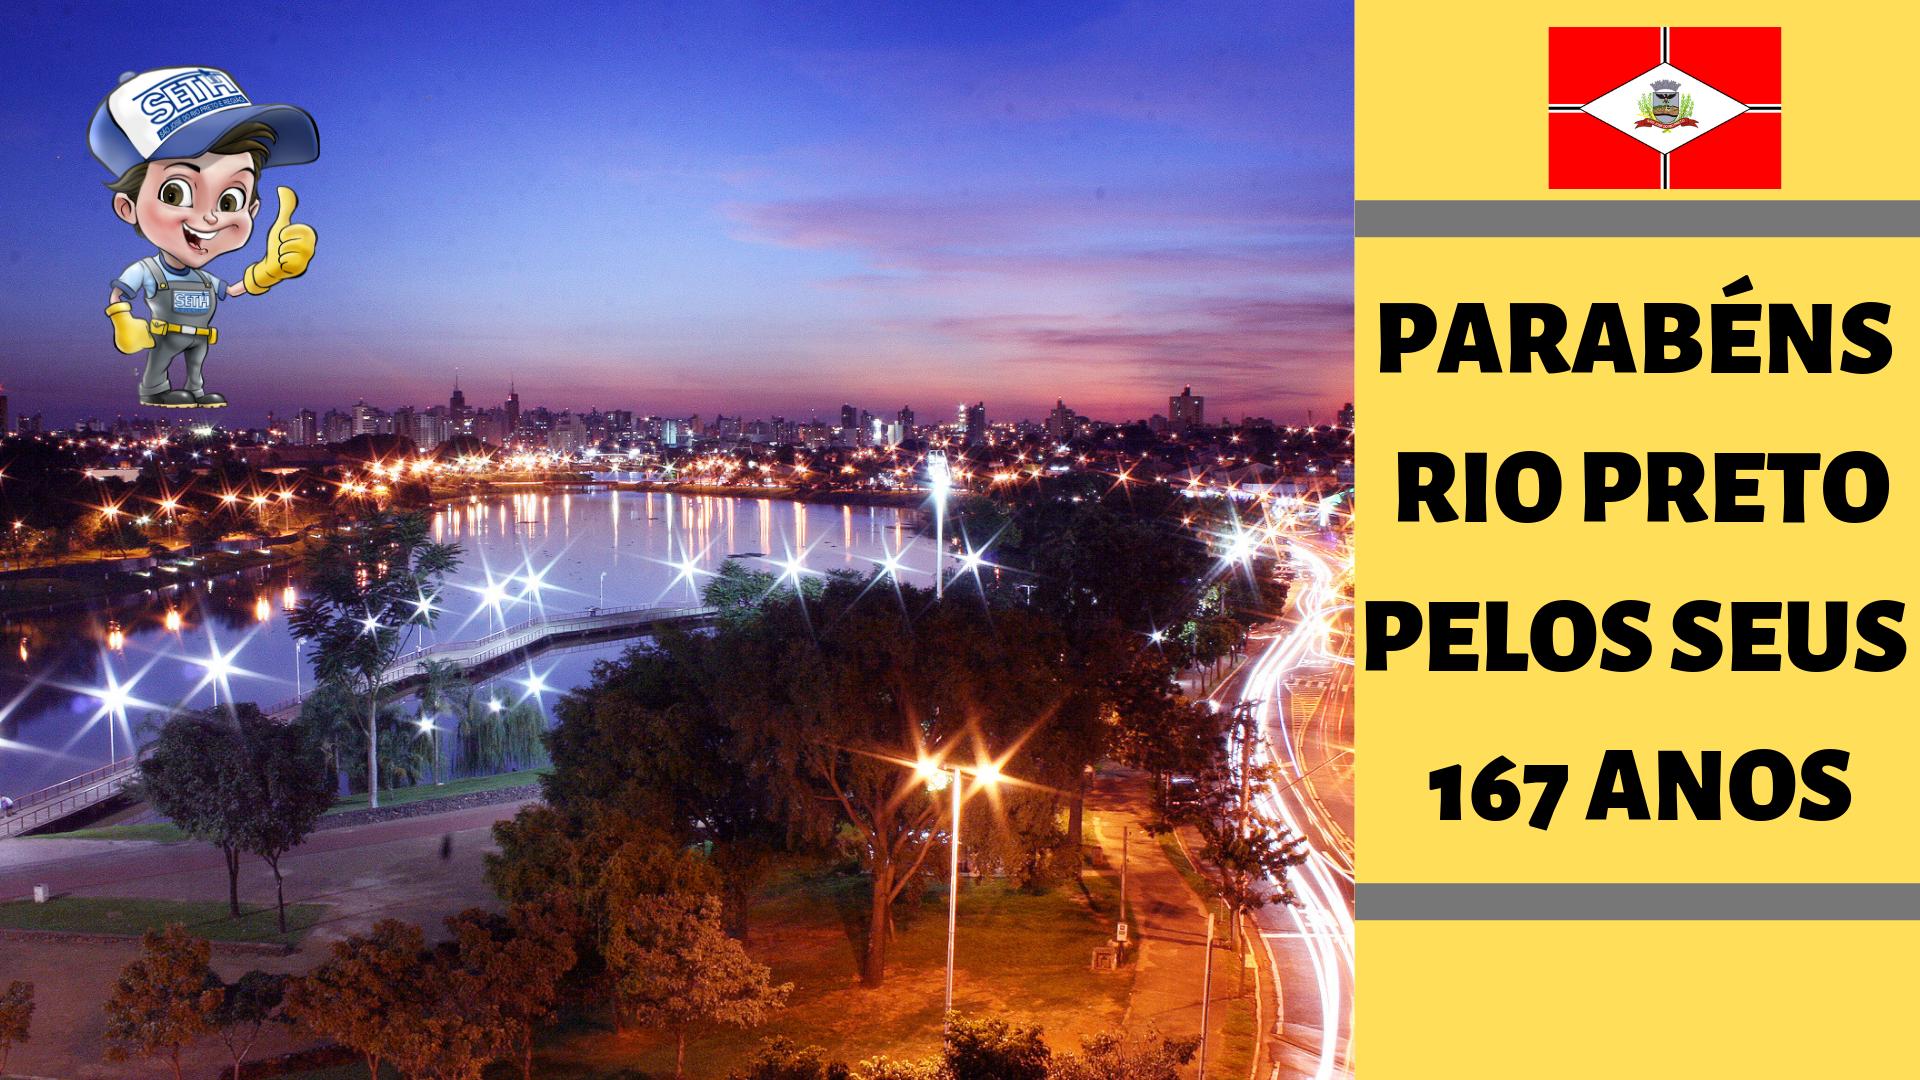 Rio Preto e seus 167 anos